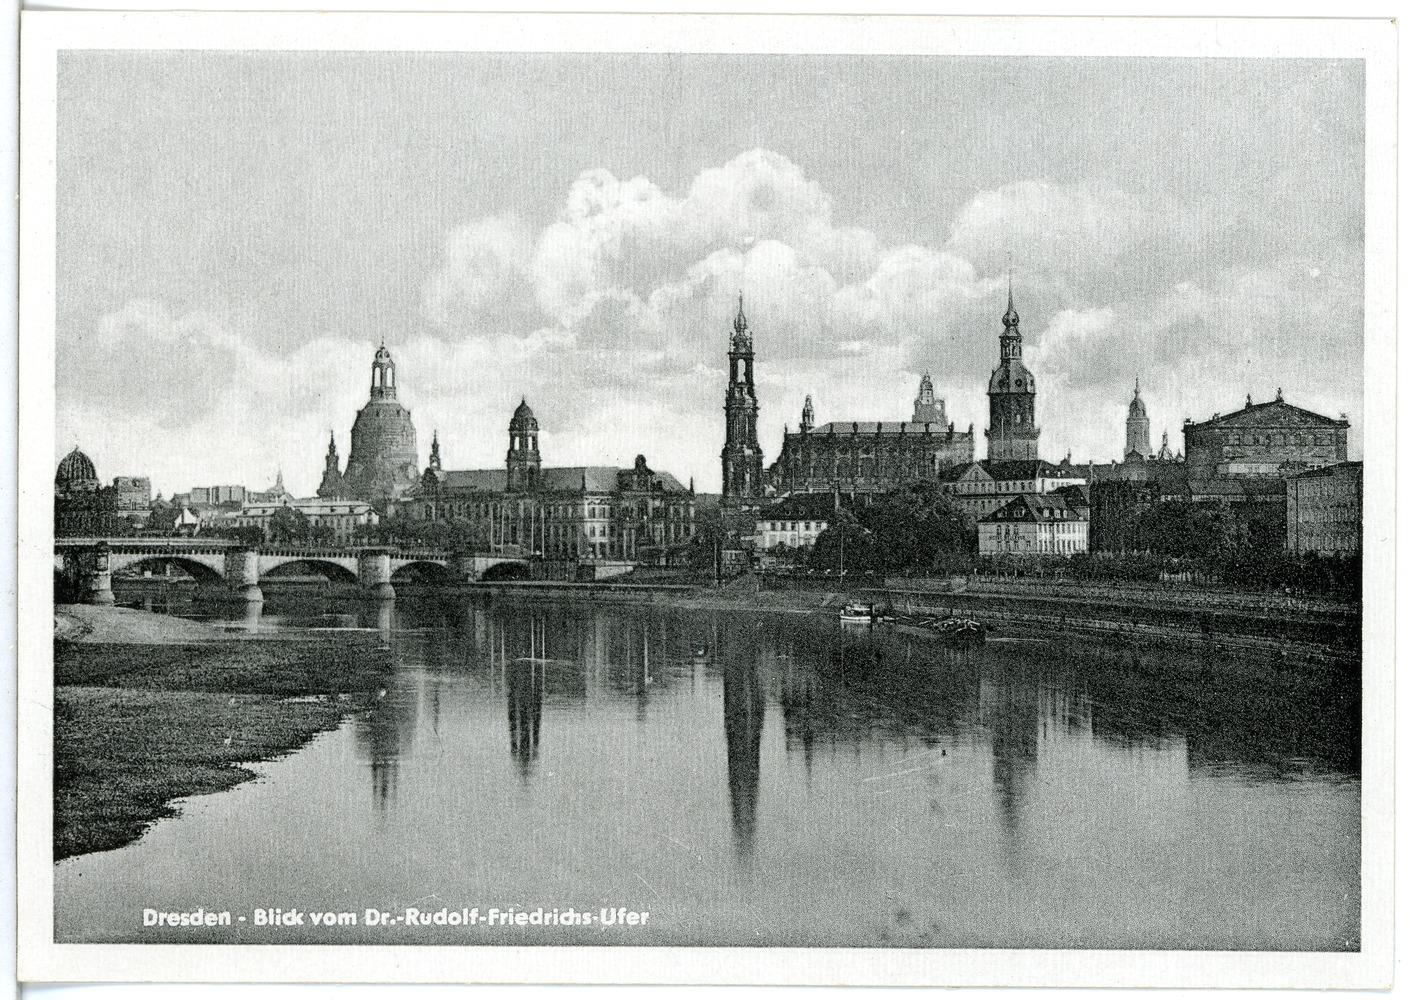 File:29290-Dresden-1956-Blick auf die Altstadt vom Dr.-R.-Friedrichs-Ufer,  vor der Zerstörung-Brück & Sohn Kunstverlag.jpg